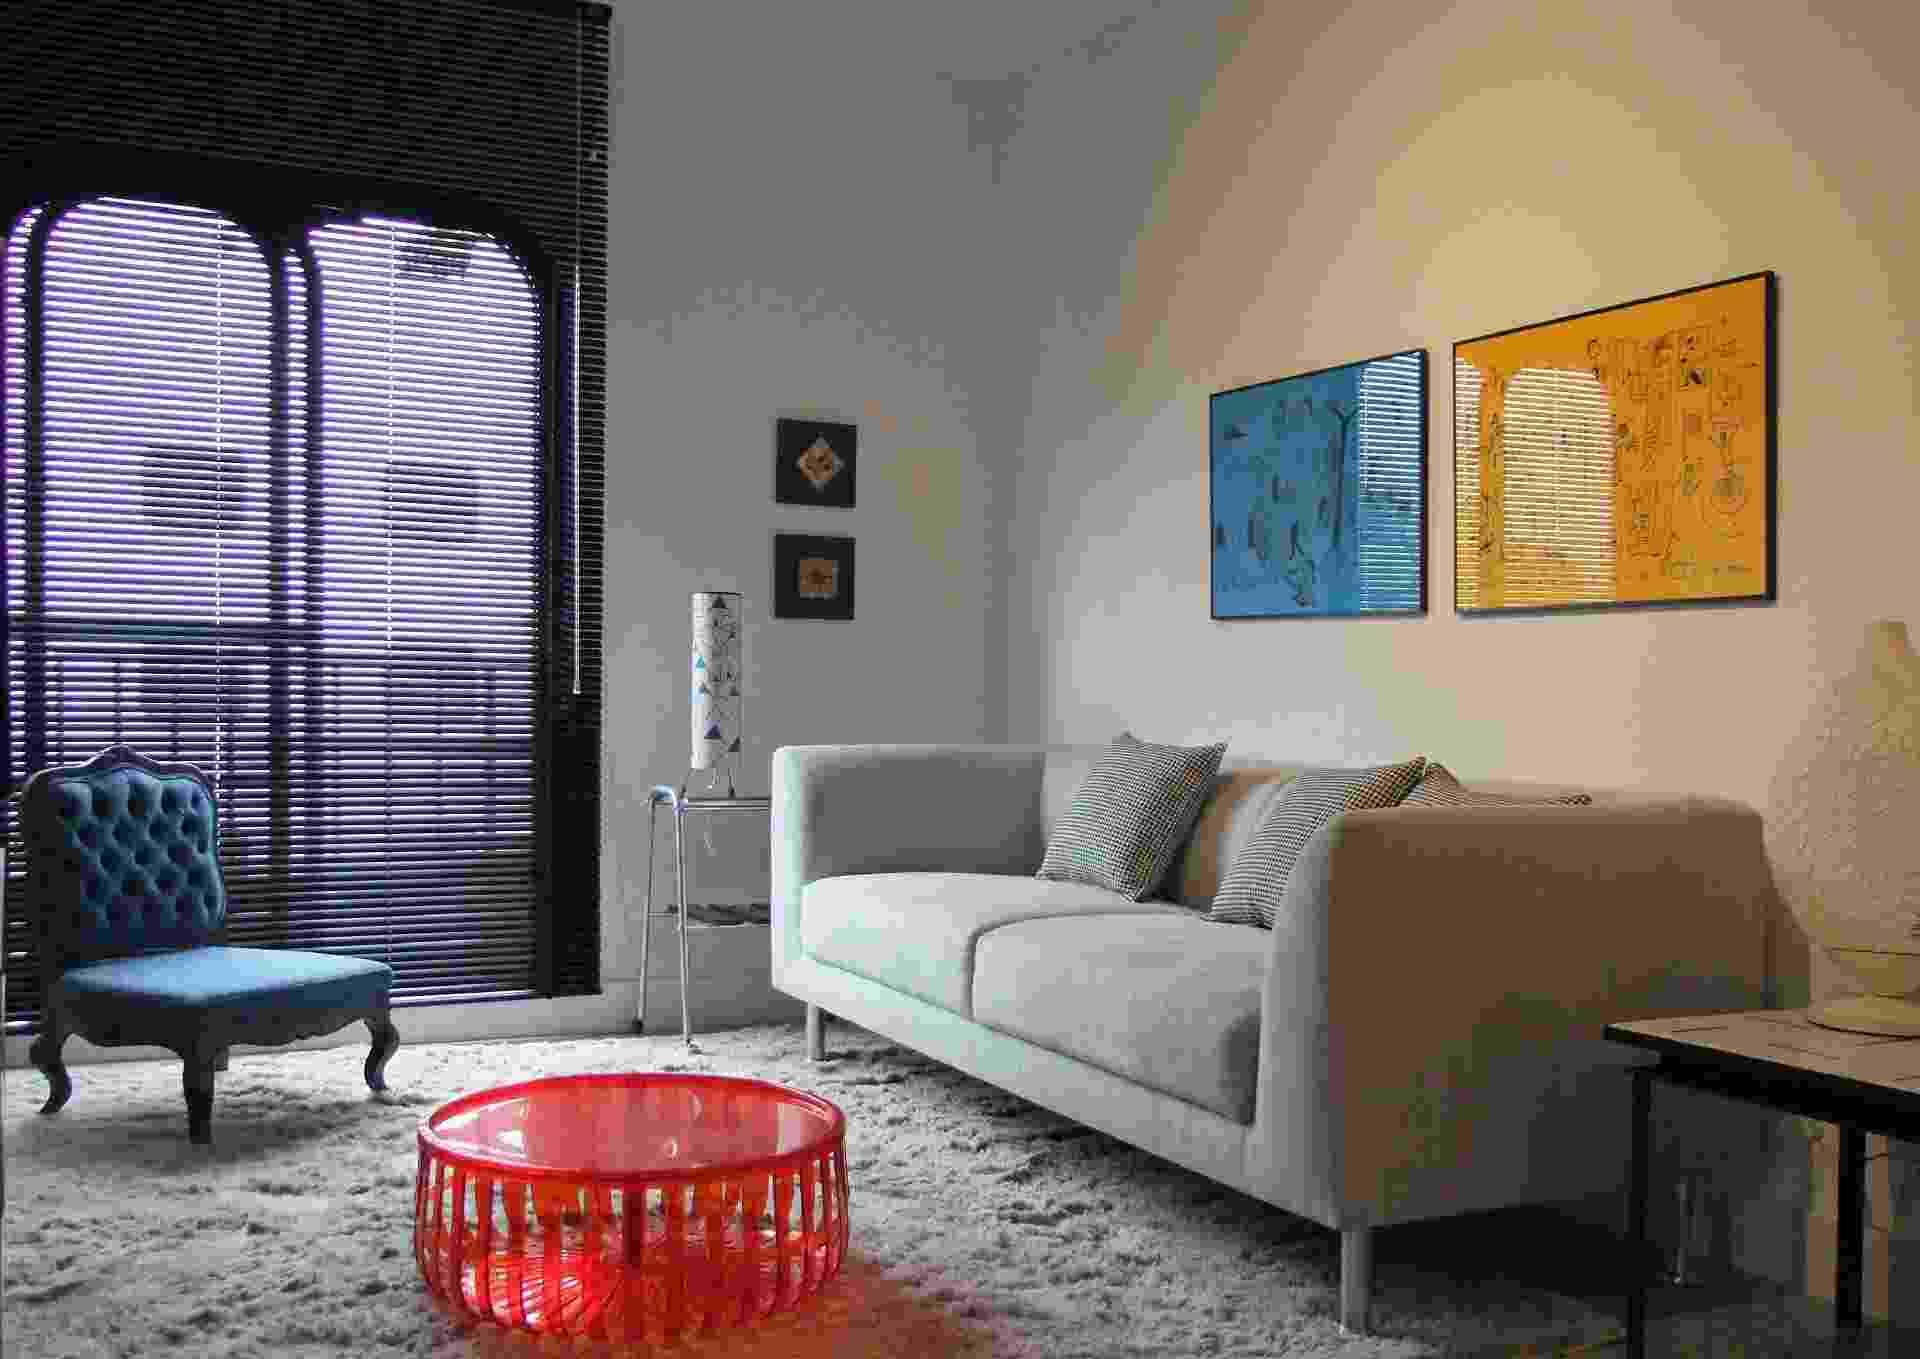 Apartamento de 42 m² mostra 22 ideias de reciclagem; conheça o estilo upciclyng - Divulgação